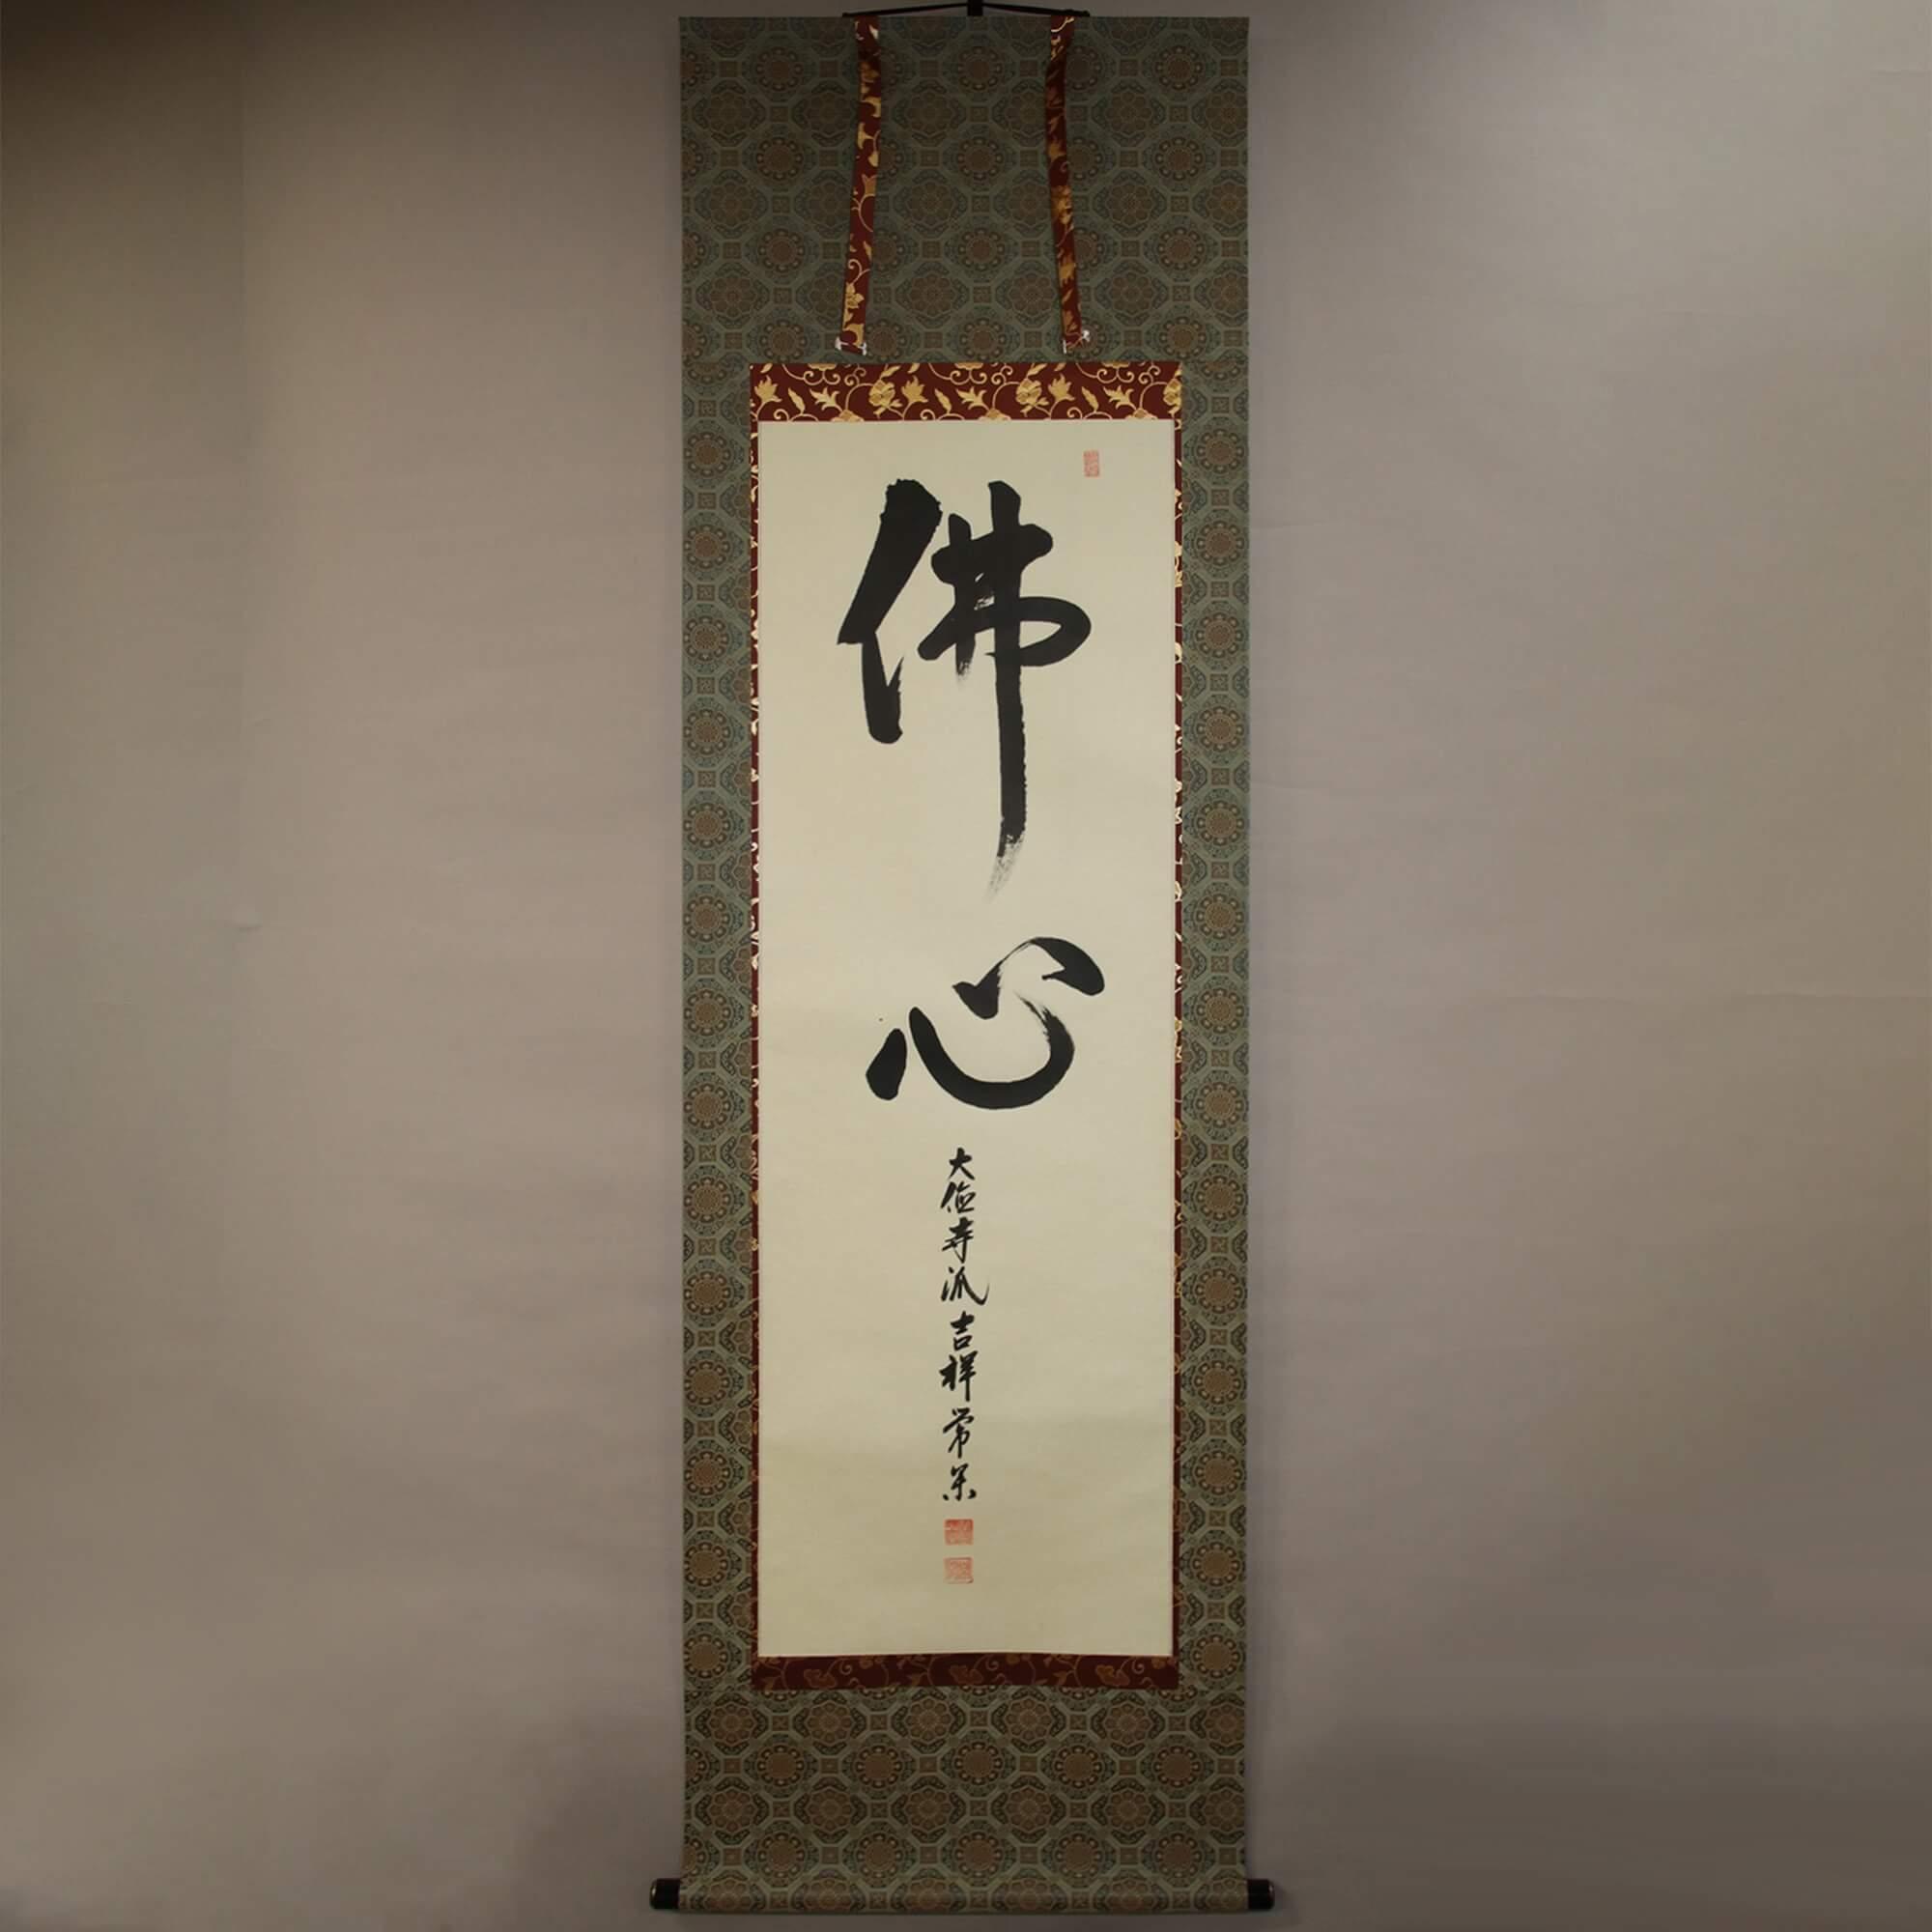 Calligraphy: Buddha's Heart / Tsuji Jōkan